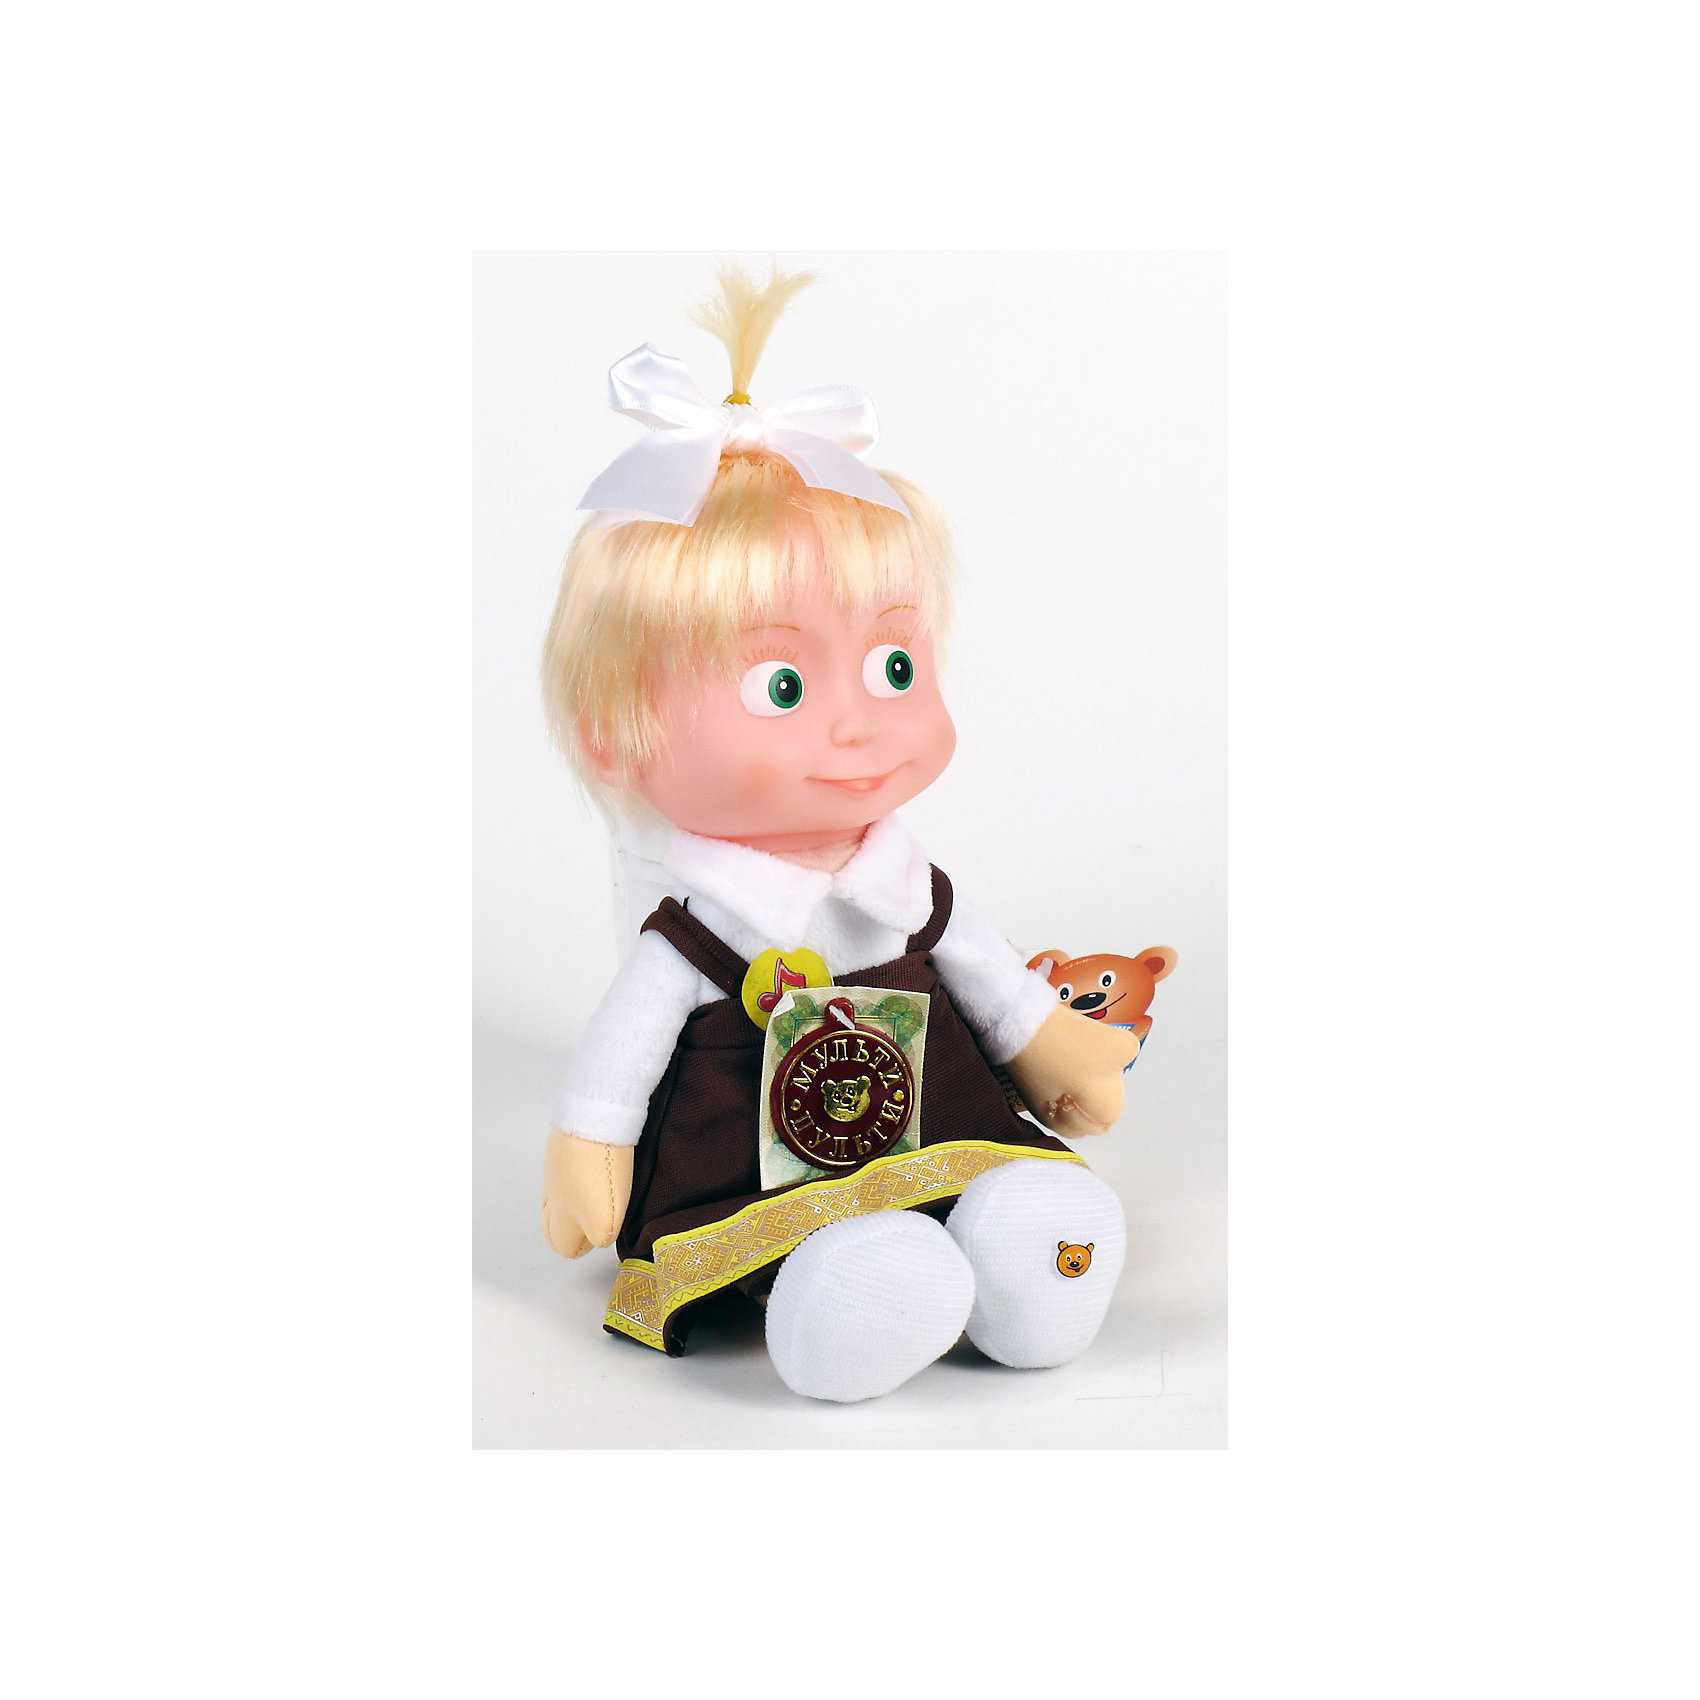 Мягкая  кукла  Маша, Маша и Медведь, МУЛЬТИ-ПУЛЬТИИгрушки<br>Всем юным поклонникам сериала Маша и медведь наверняка понравится эта замечательная игрушка. Маша - озорная девочка, которая дружит с мишкой и часто попадает в забавные ситуации. Внешний вид куколки полностью соответствует своему мультперсонажу. Маша представлена в образе школьницы: длинный коричневый сарафан, белая блузка, на голове хвостик с белым бантиком. Кукла обладает звуковыми эффектами: произносит 5 фраз и поет песенку голосом своего персонажа из мультфильма.<br><br>Дополнительная информация:<br><br>- Материал: лицо: пластизоль, туловище: искусственный мех, ткань, набивка: полиэфирное волокно.<br>- Требуются батарейки: 3* LR44 (входят в комплект).<br>- Размер: 29 см.<br>- Вес: 0,25 кг.<br><br><br>Мягкую игрушку куклу Машу из мультфильма Маша и медведь можно купить в нашем магазине.<br><br>Ширина мм: 90<br>Глубина мм: 410<br>Высота мм: 210<br>Вес г: 250<br>Возраст от месяцев: 24<br>Возраст до месяцев: 1188<br>Пол: Унисекс<br>Возраст: Детский<br>SKU: 3384130